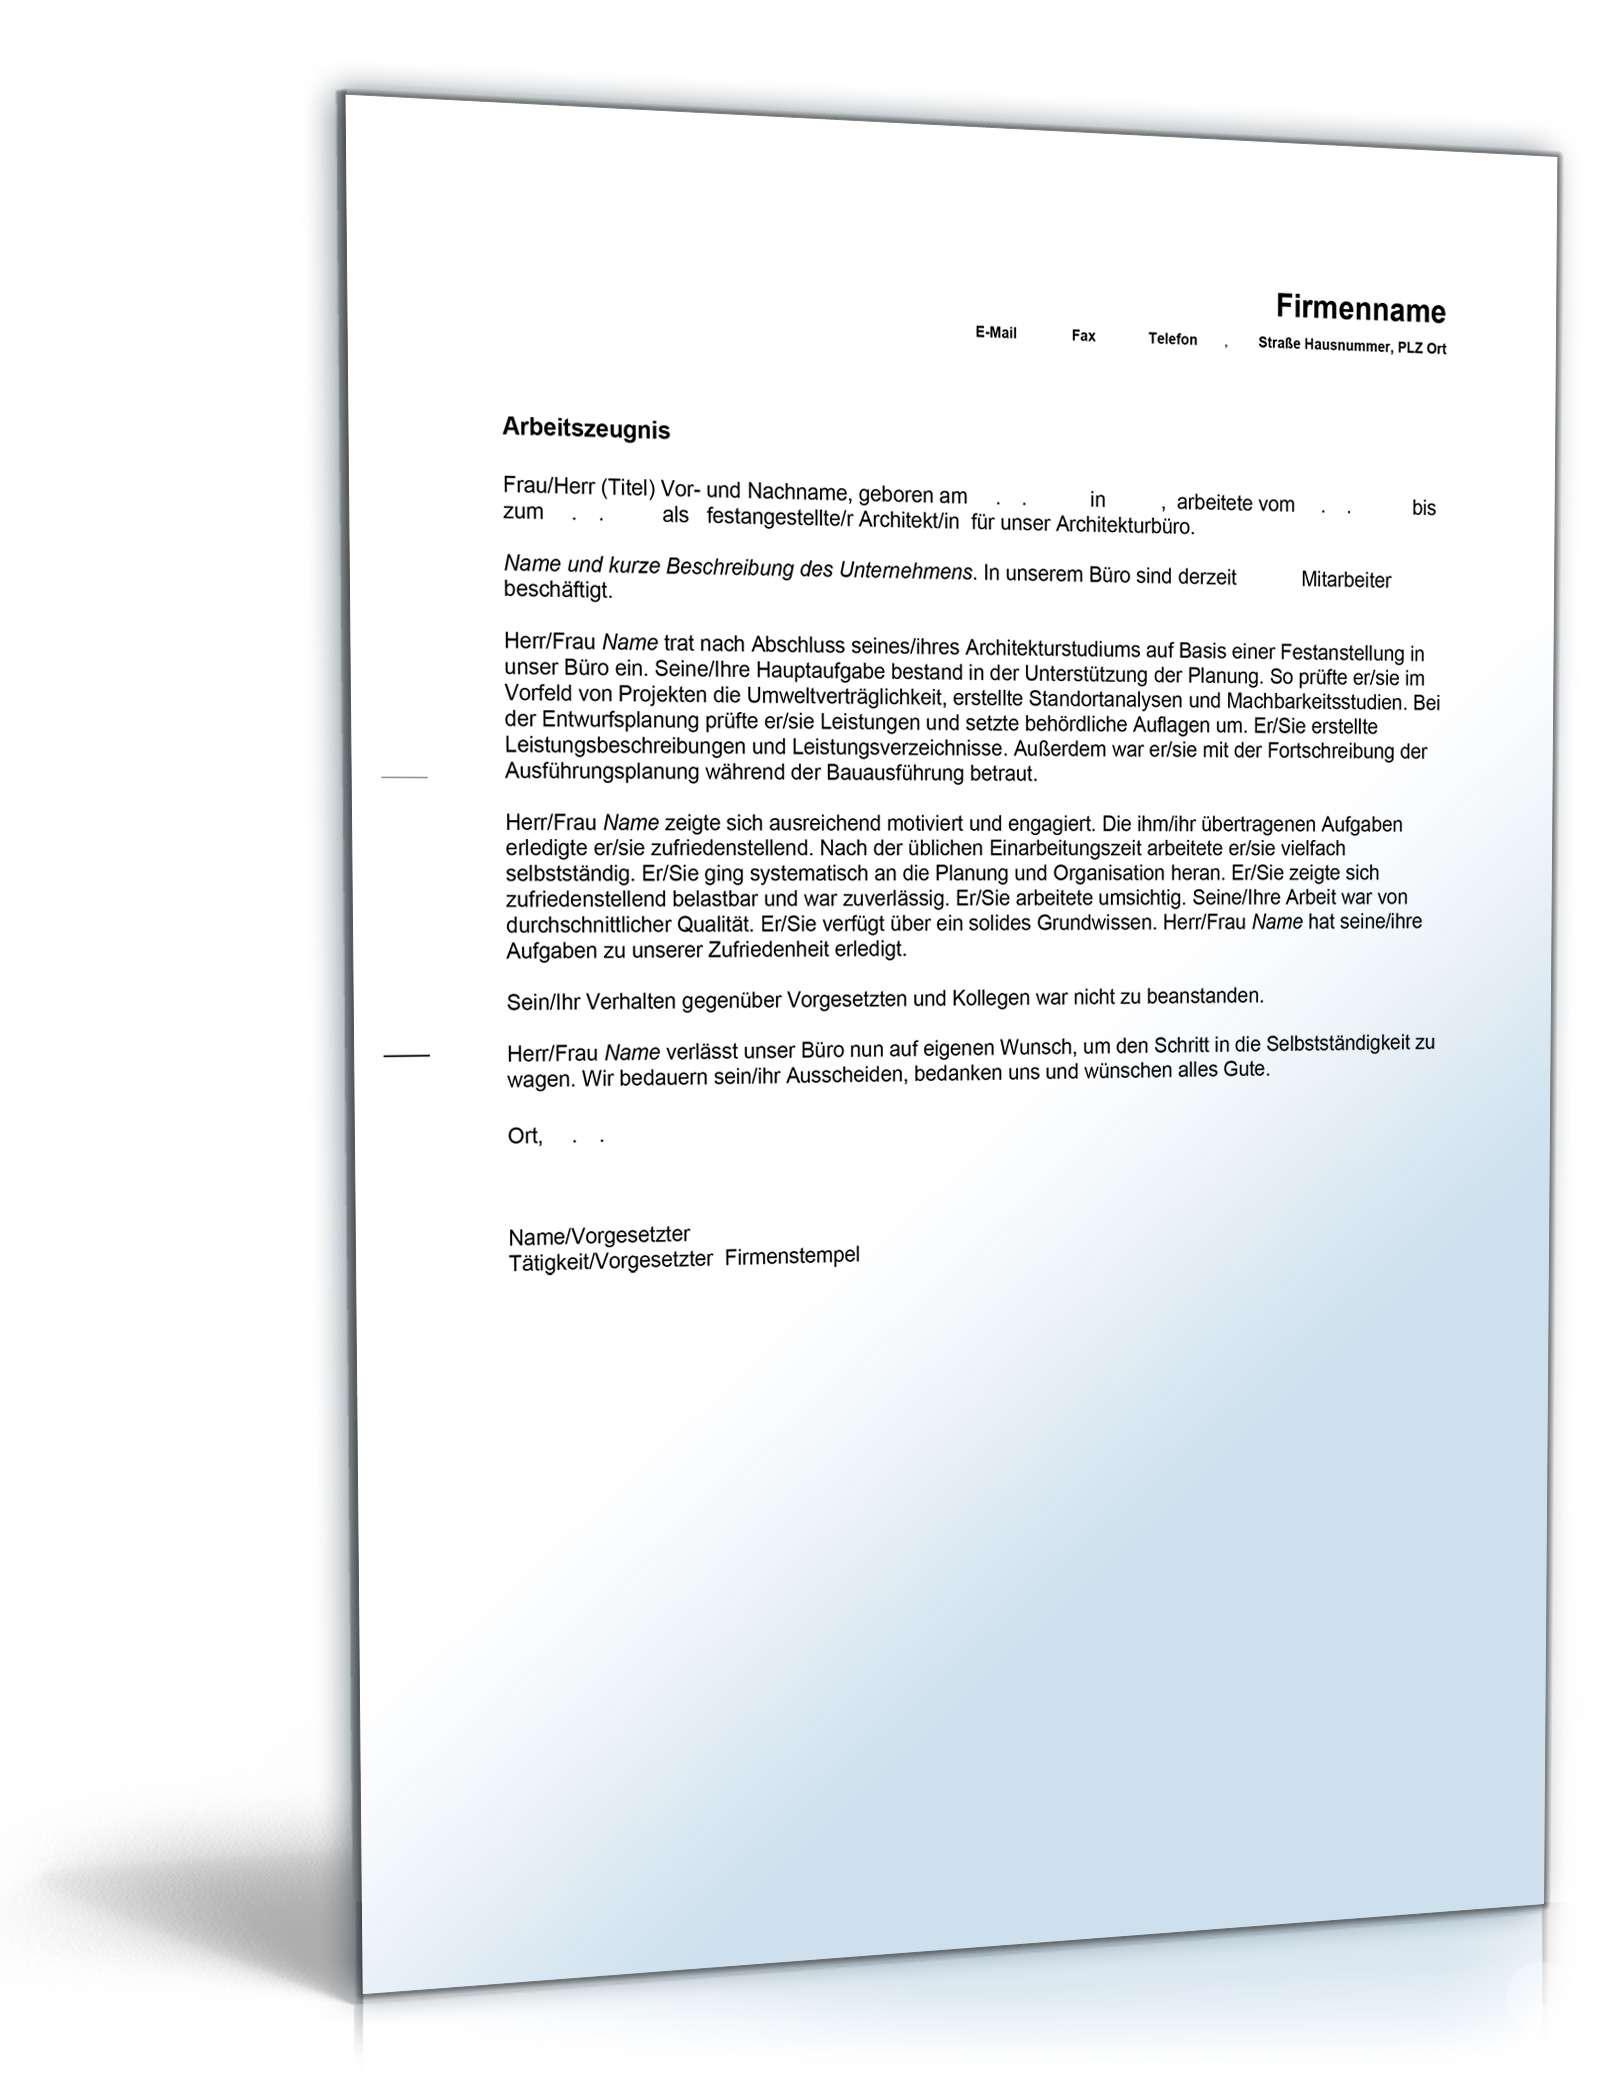 Berühmt Leere Faxvorlage Galerie - Beispielzusammenfassung Ideen ...